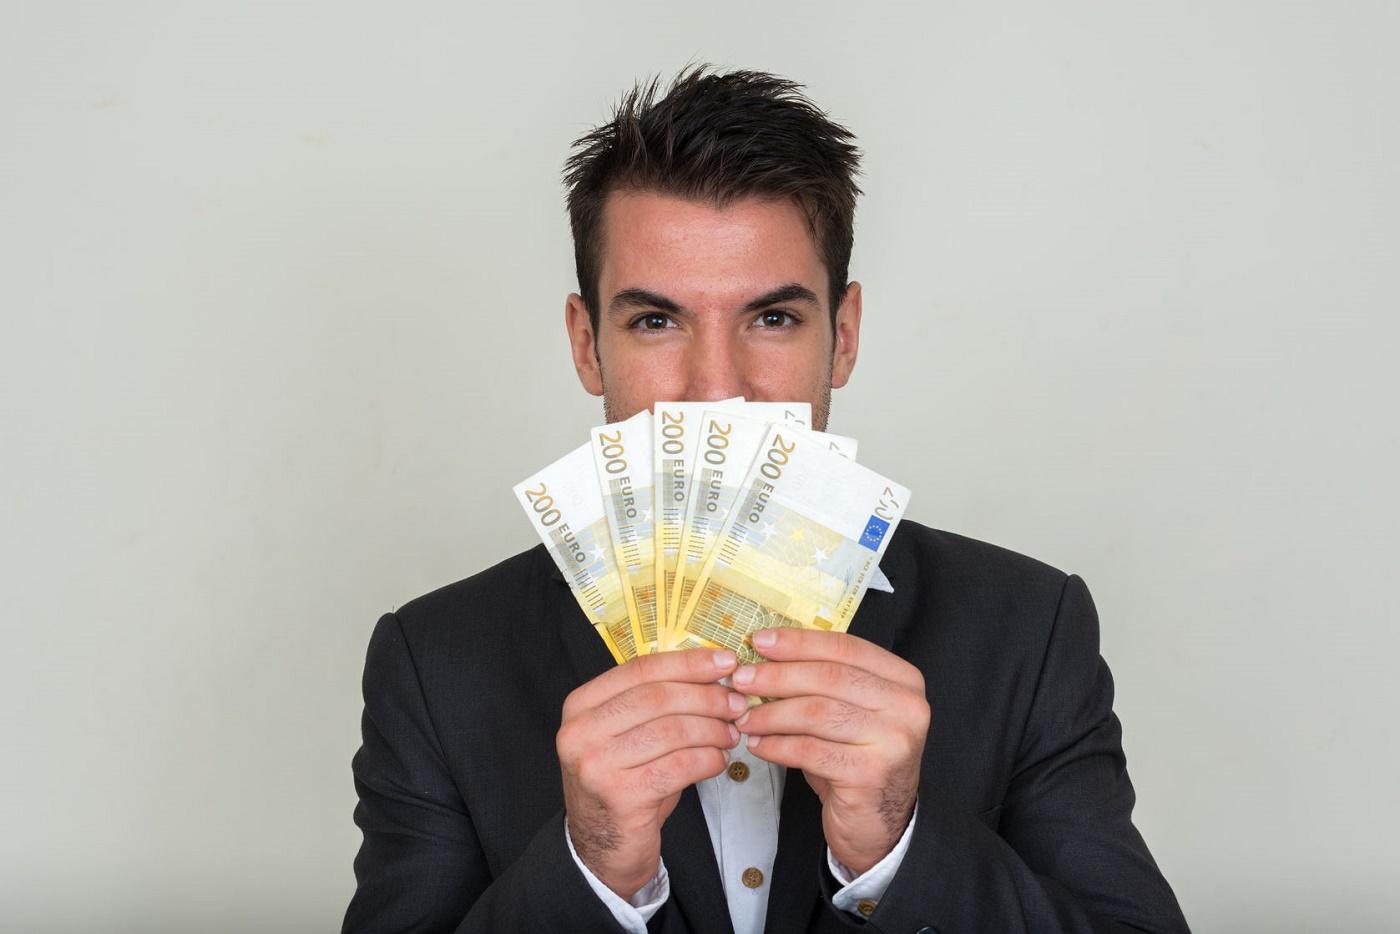 Perca ou ganhe dinheiro com os bancos: a escolha é sua!